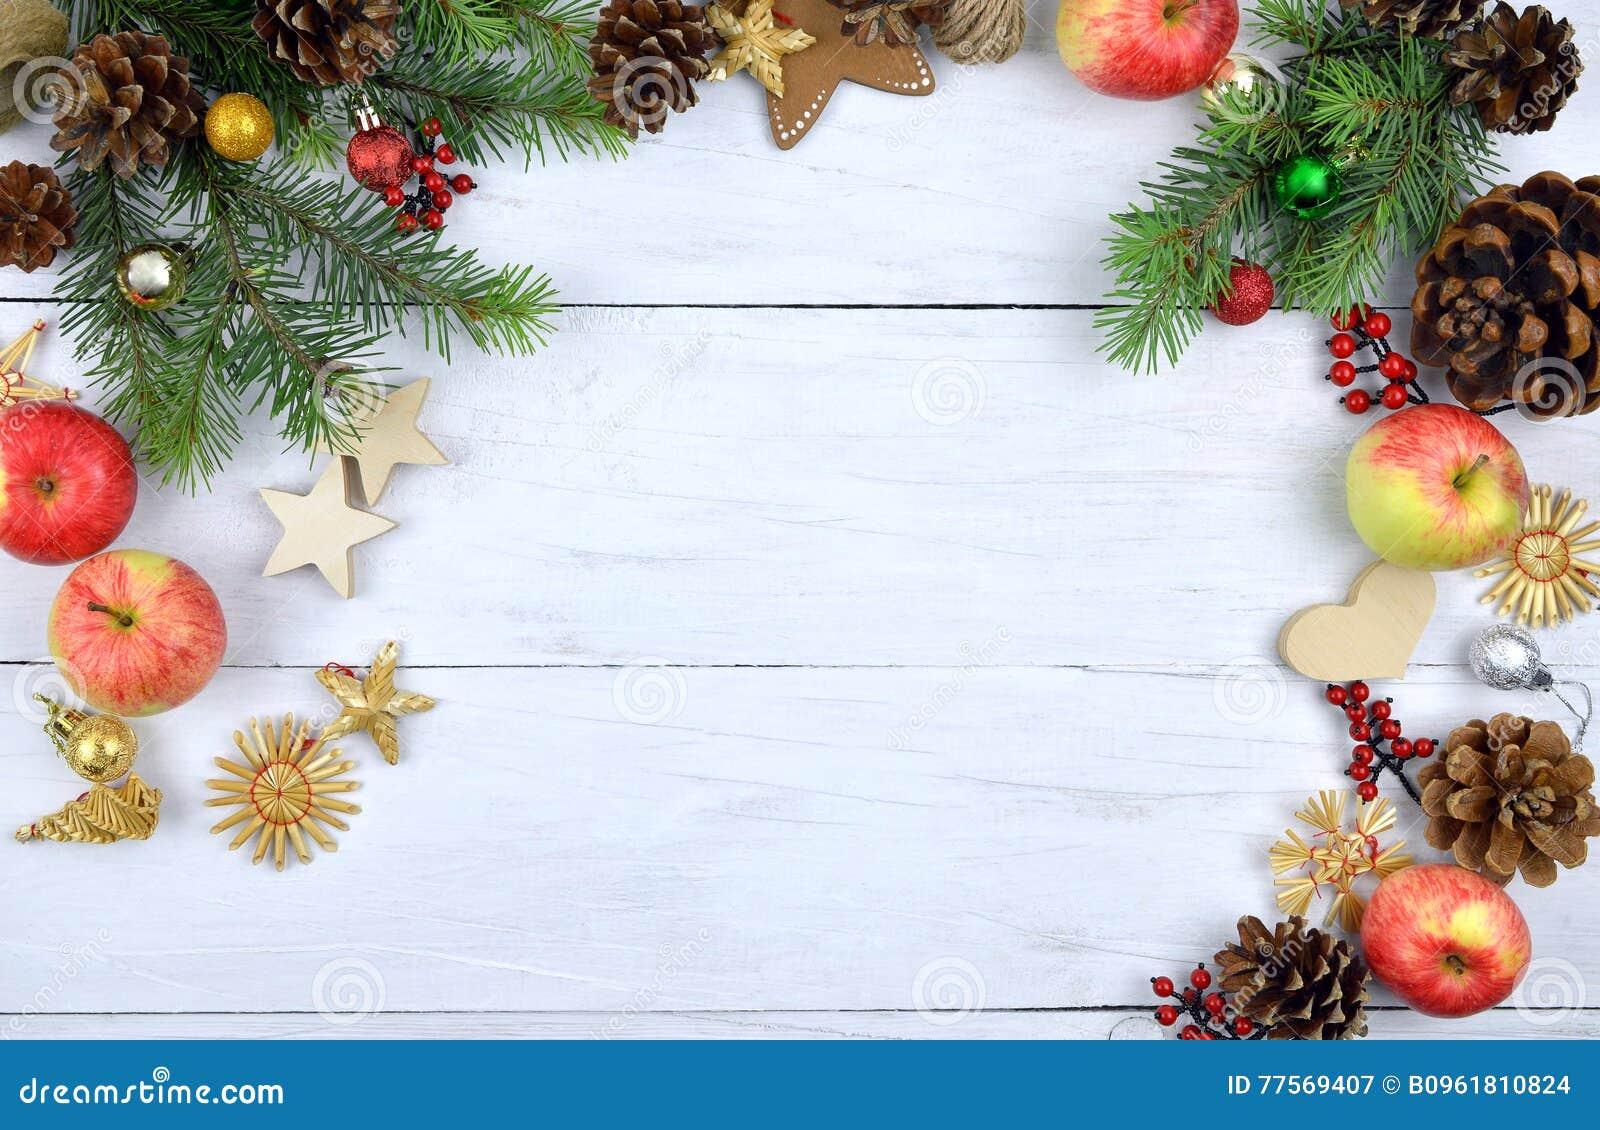 Kerstmis houten achtergrond rustic Natuurlijke Elementen